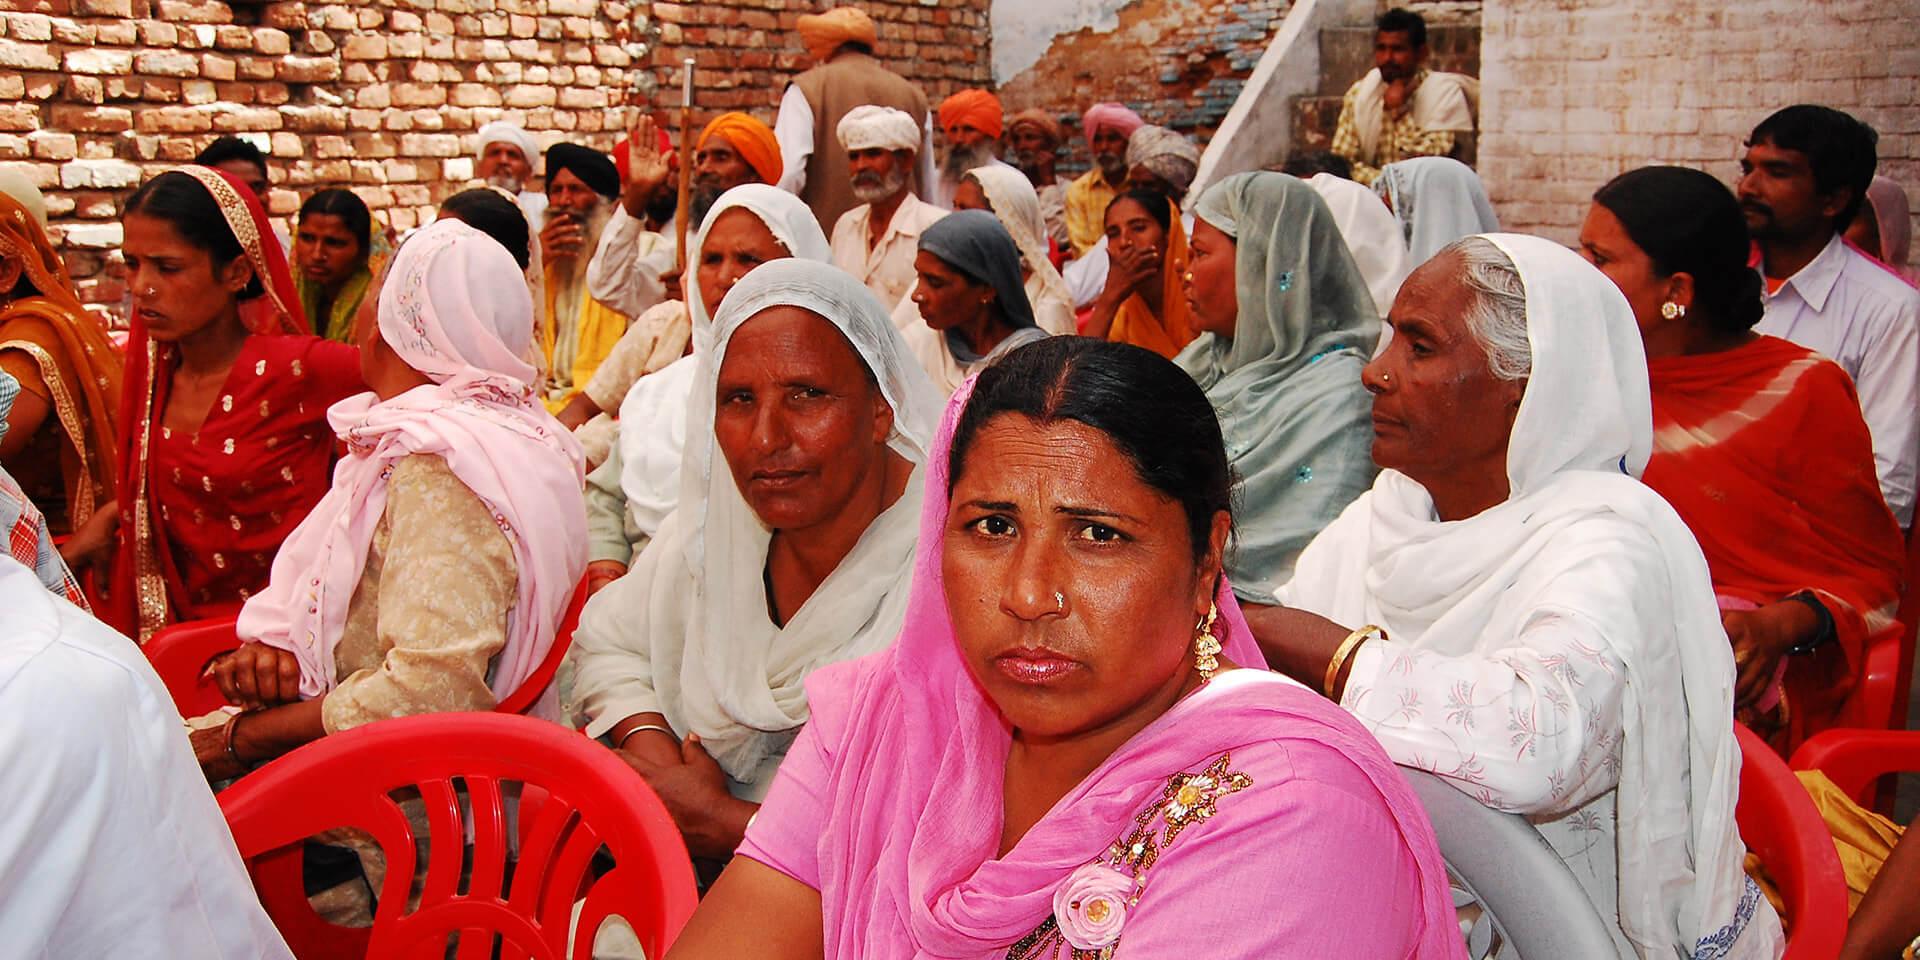 """Dorfversammlung - Bild in der Publikation """"Fürbitte für bedrängte und verfolgte Christen: Reminiszere 2021, Indien"""""""